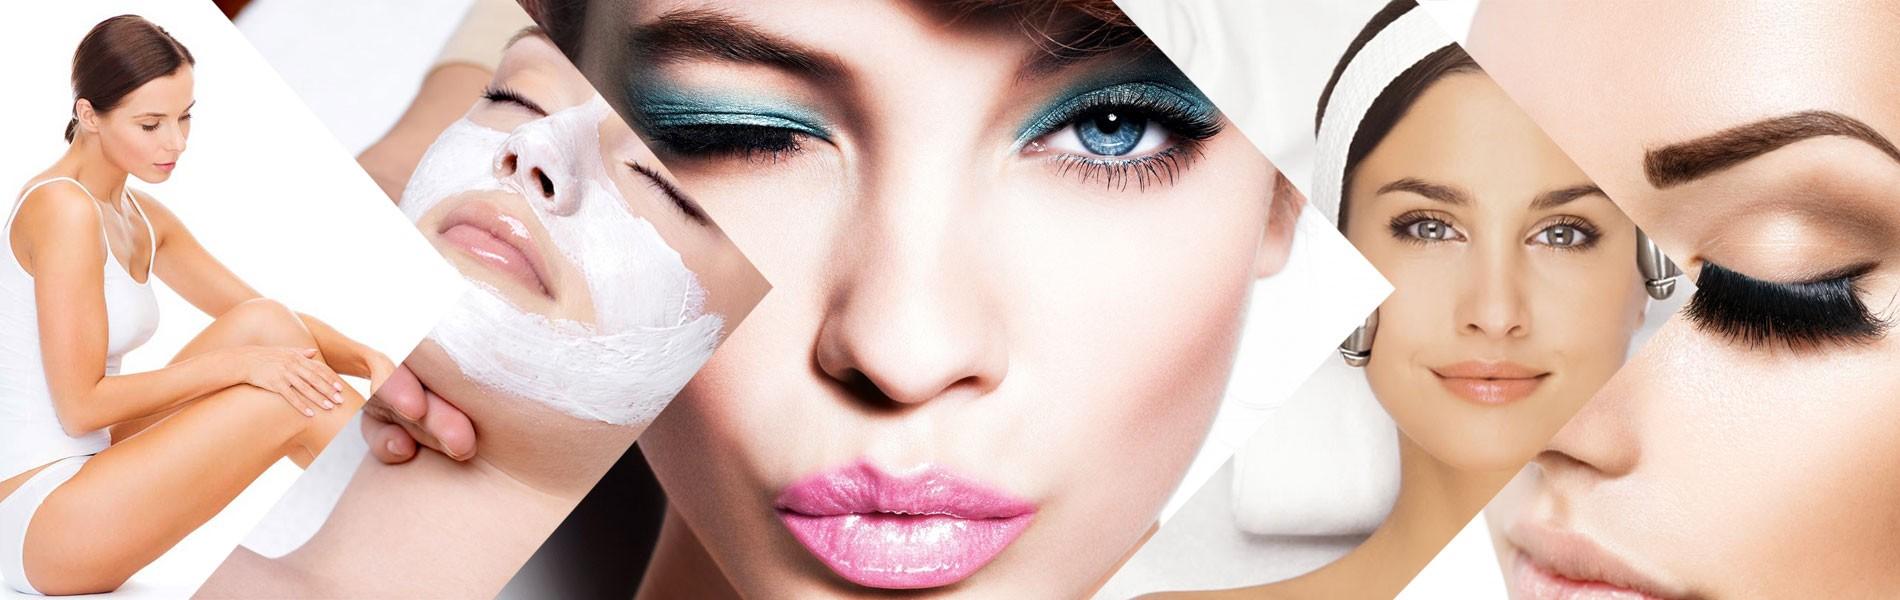 Cosmetica femei